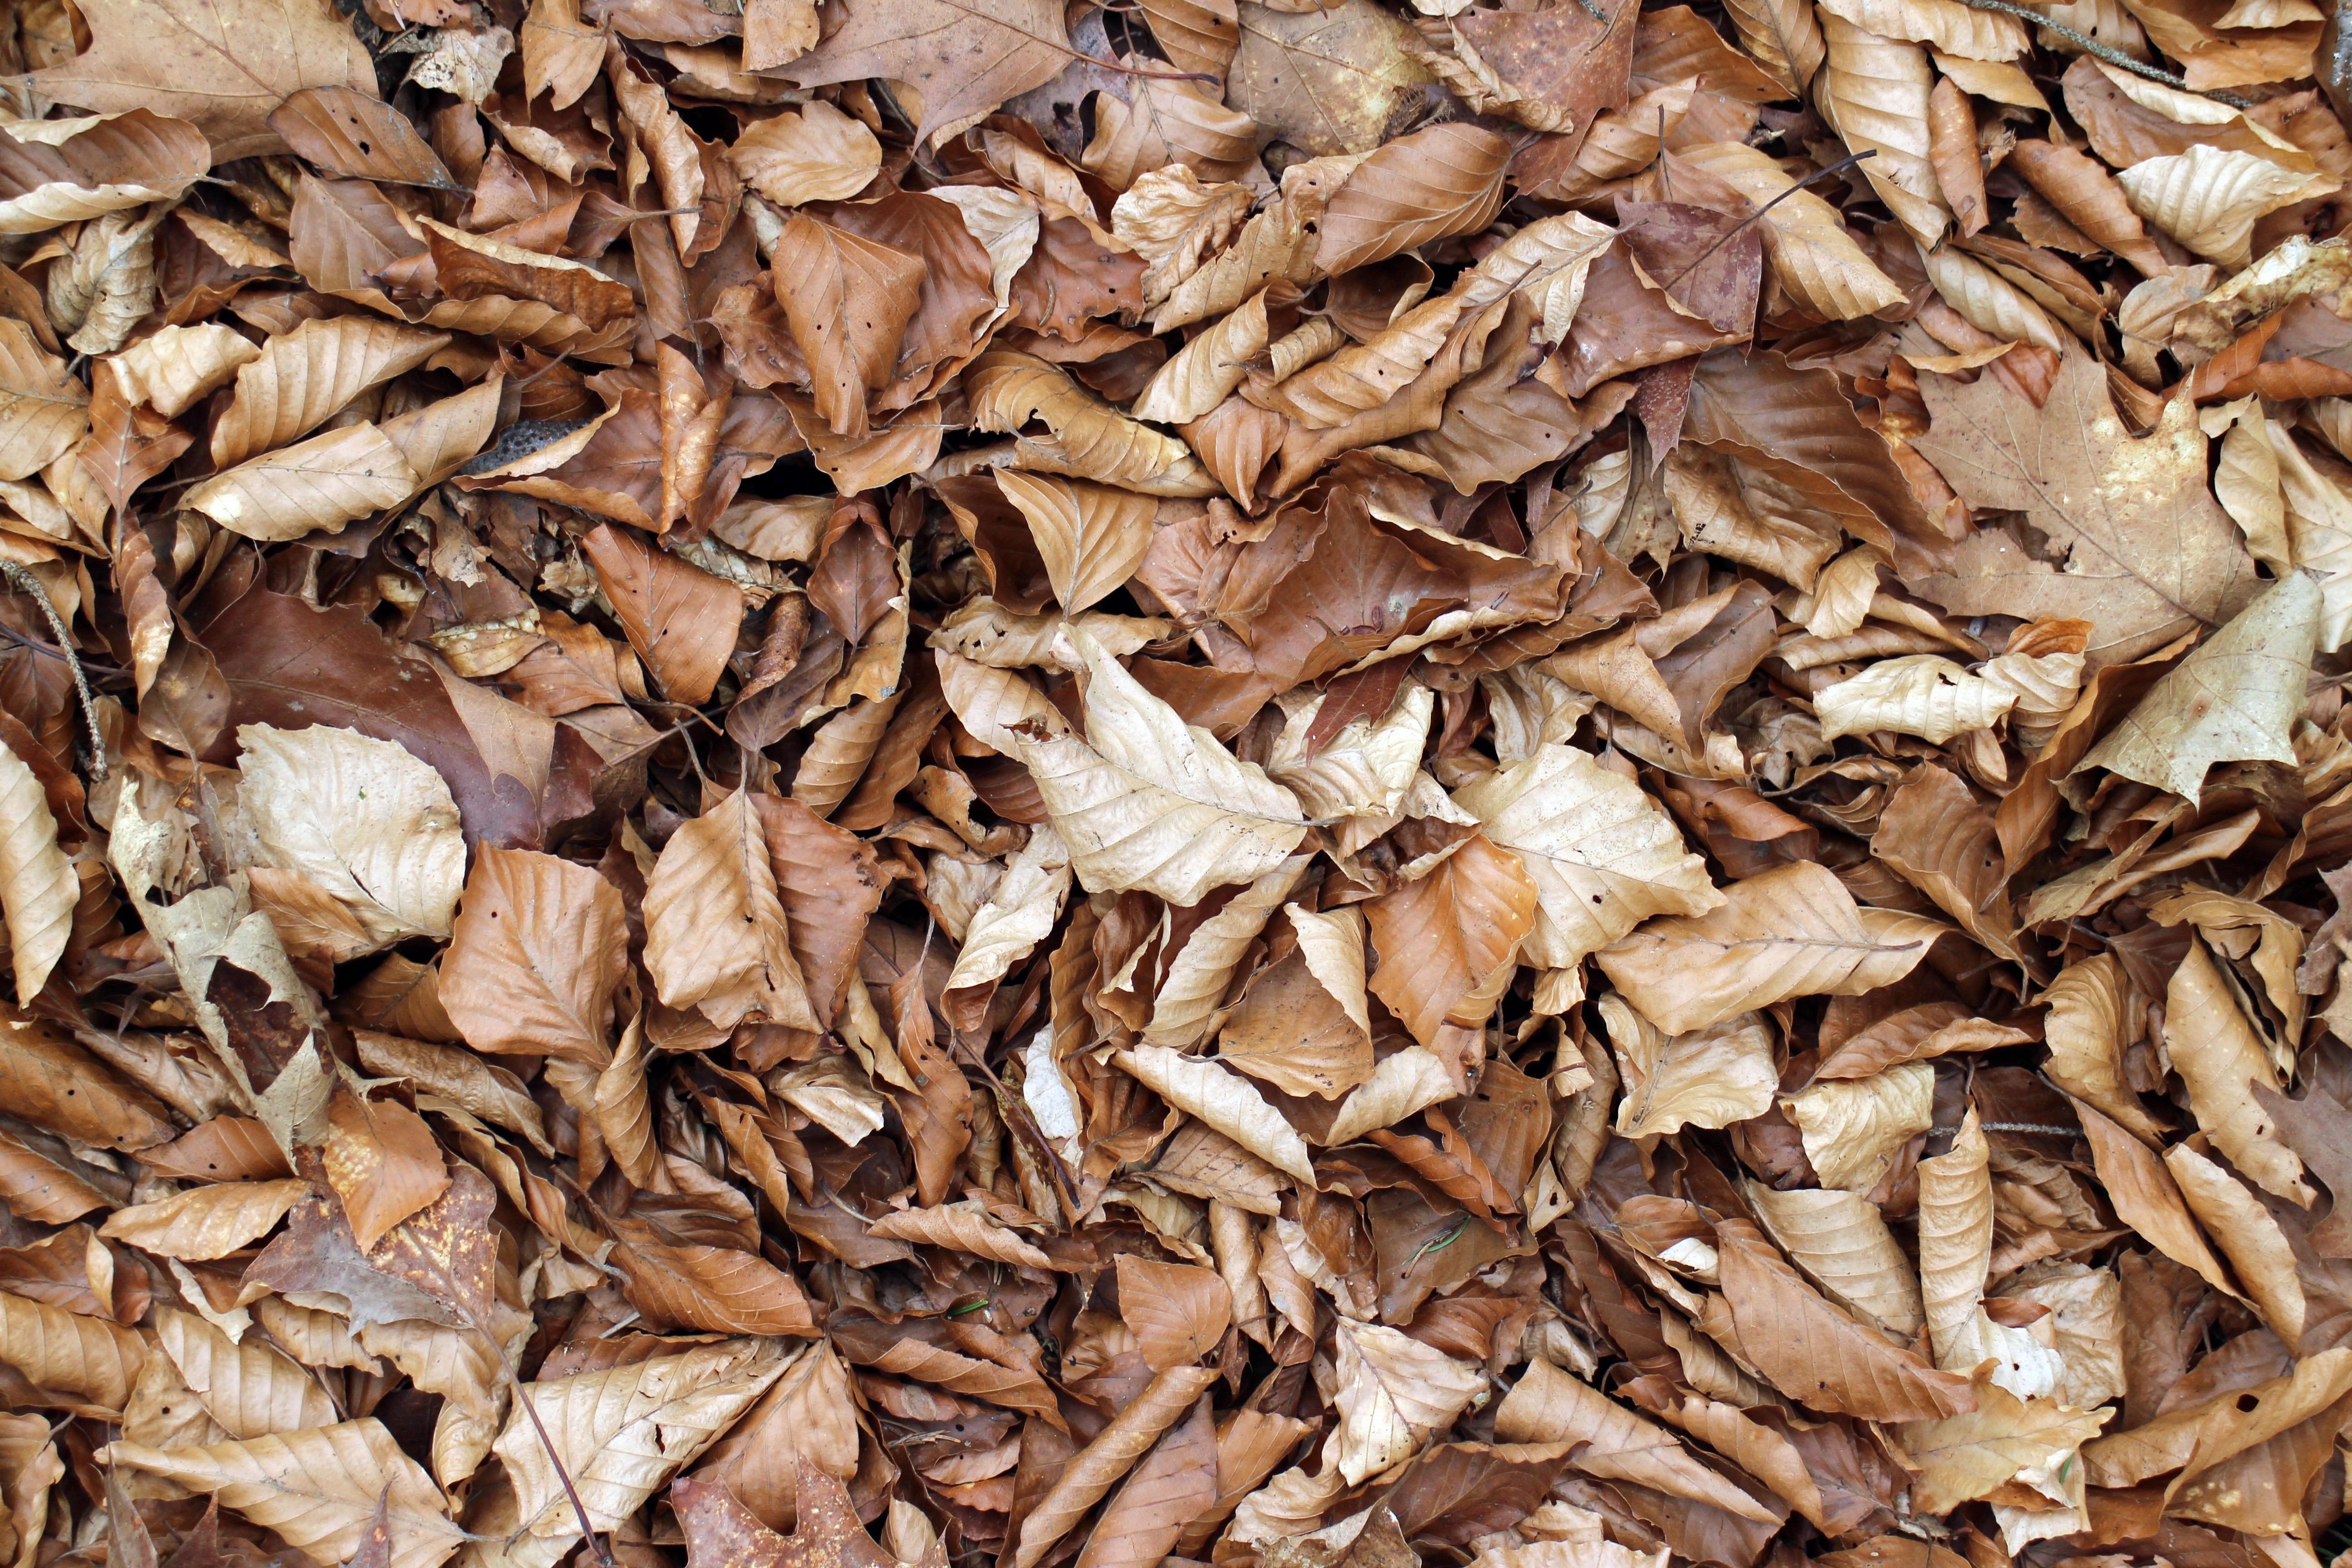 Paillis Noix De Coco images gratuites : bois, feuille, fleur, repas, aliments